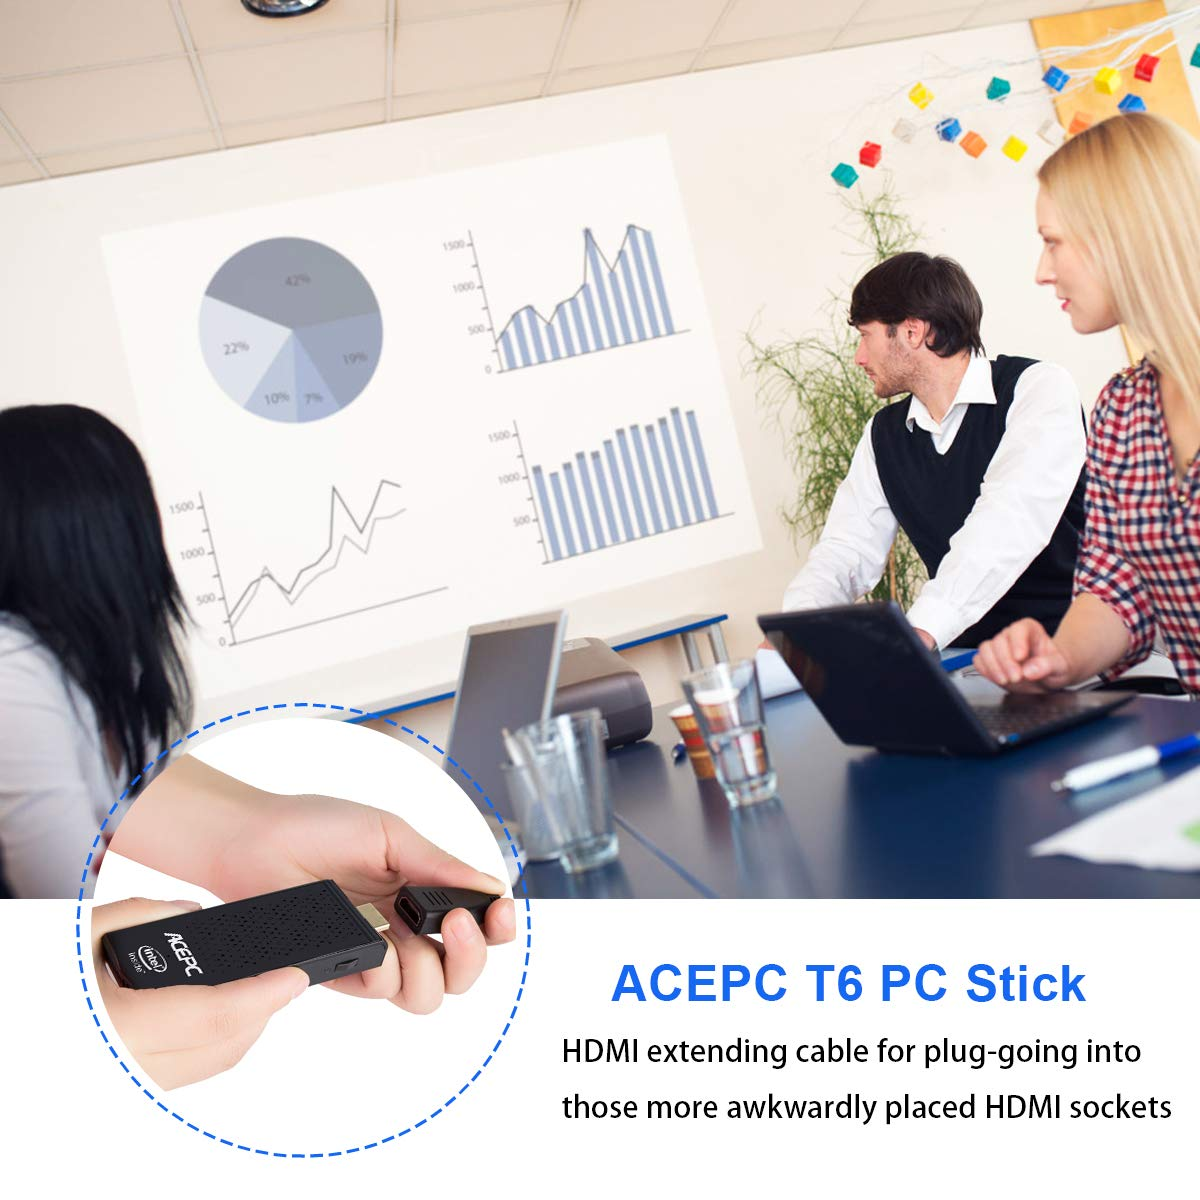 acepc t6 mini pc stick price